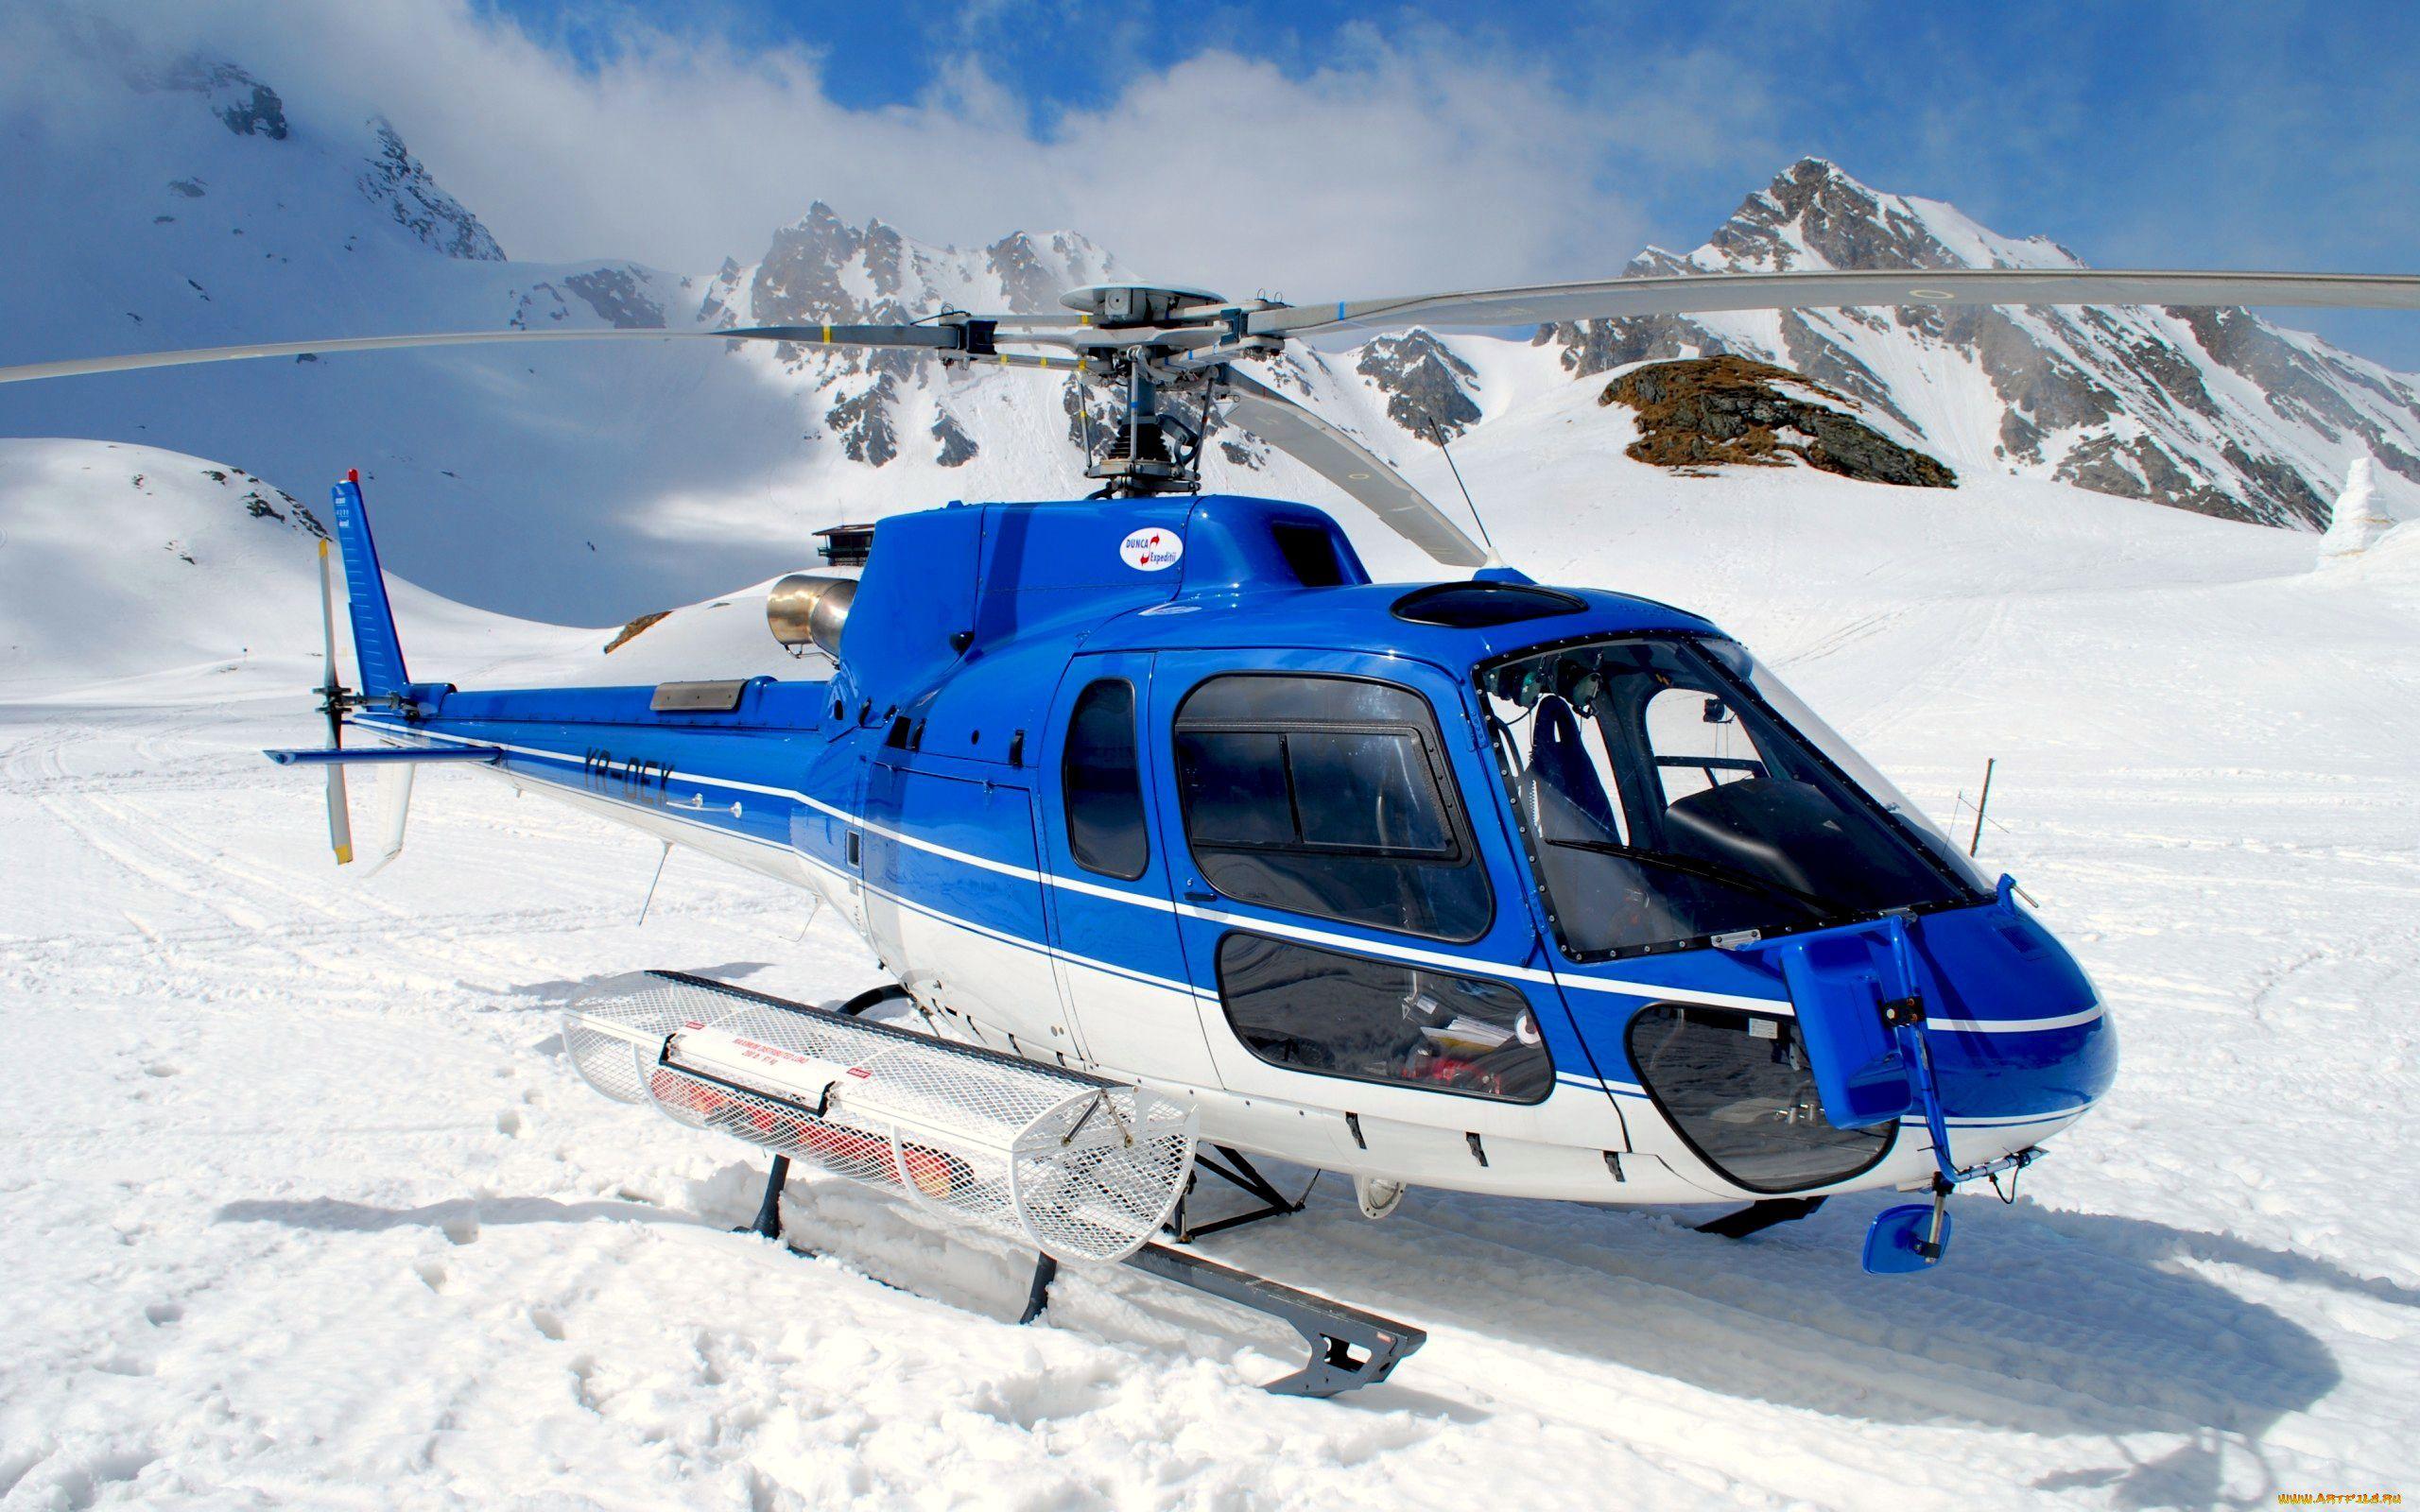 26404 скачать обои Вертолеты, Транспорт, Горы, Снег - заставки и картинки бесплатно